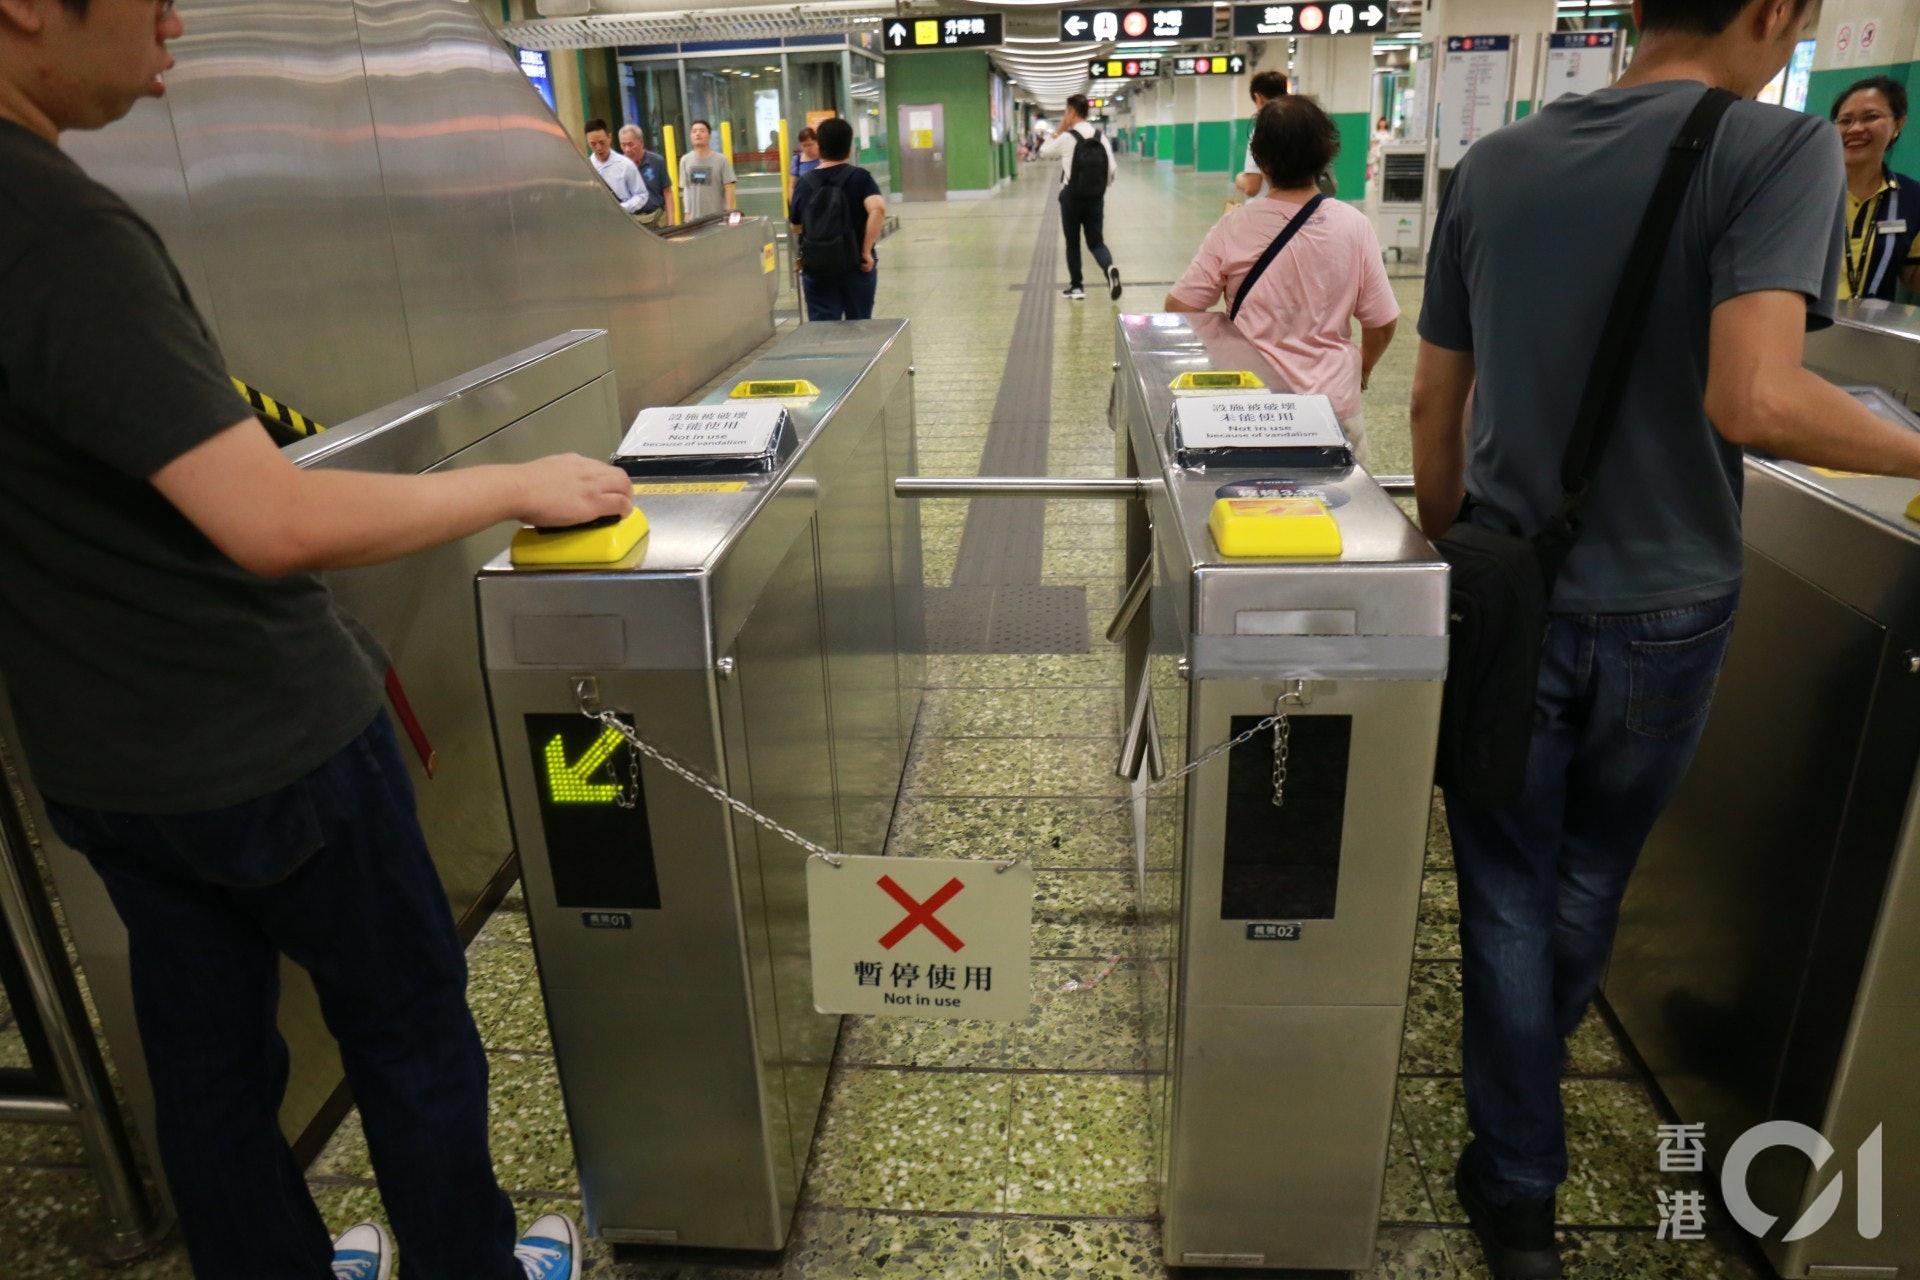 被塗上膠水的閘機入票位被封上,不過市民仍可拍八達通出入。(陳諾希攝)